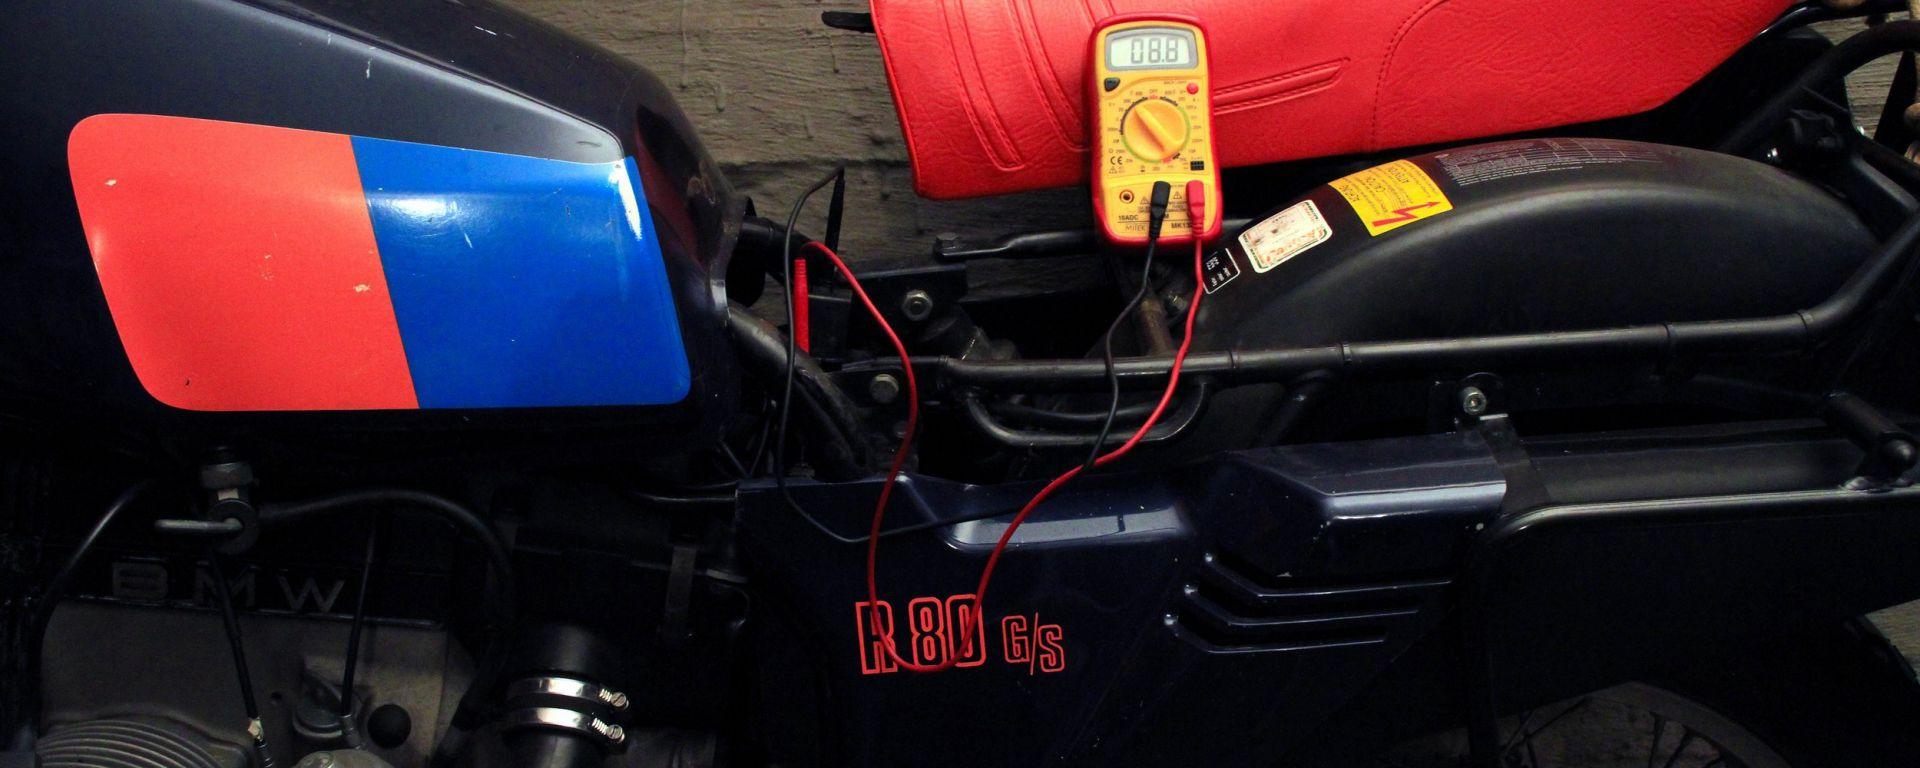 Come salvare la batteria. I mantenitori di carica